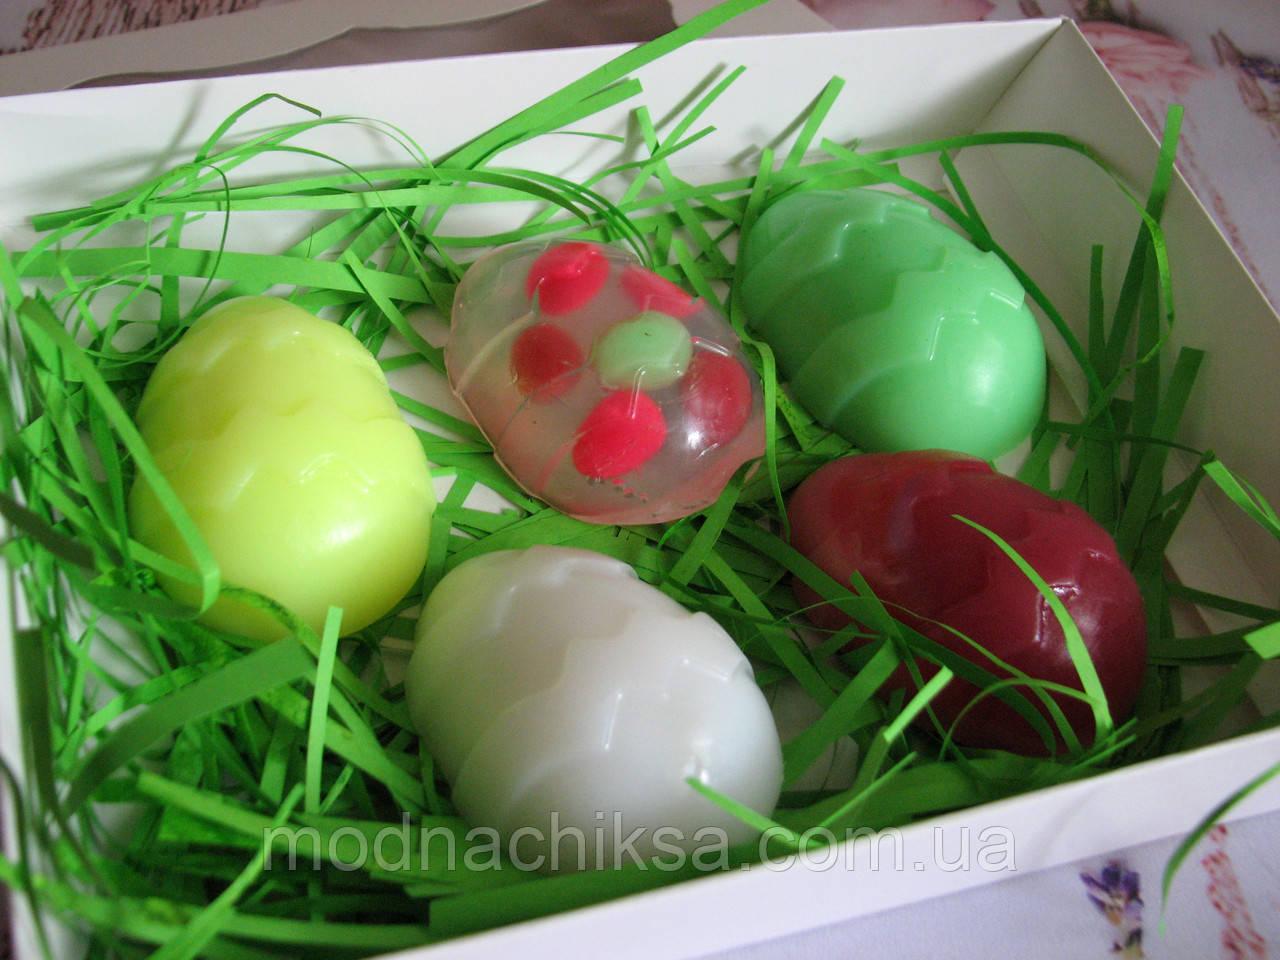 Пасхальное яйцо (половинка)